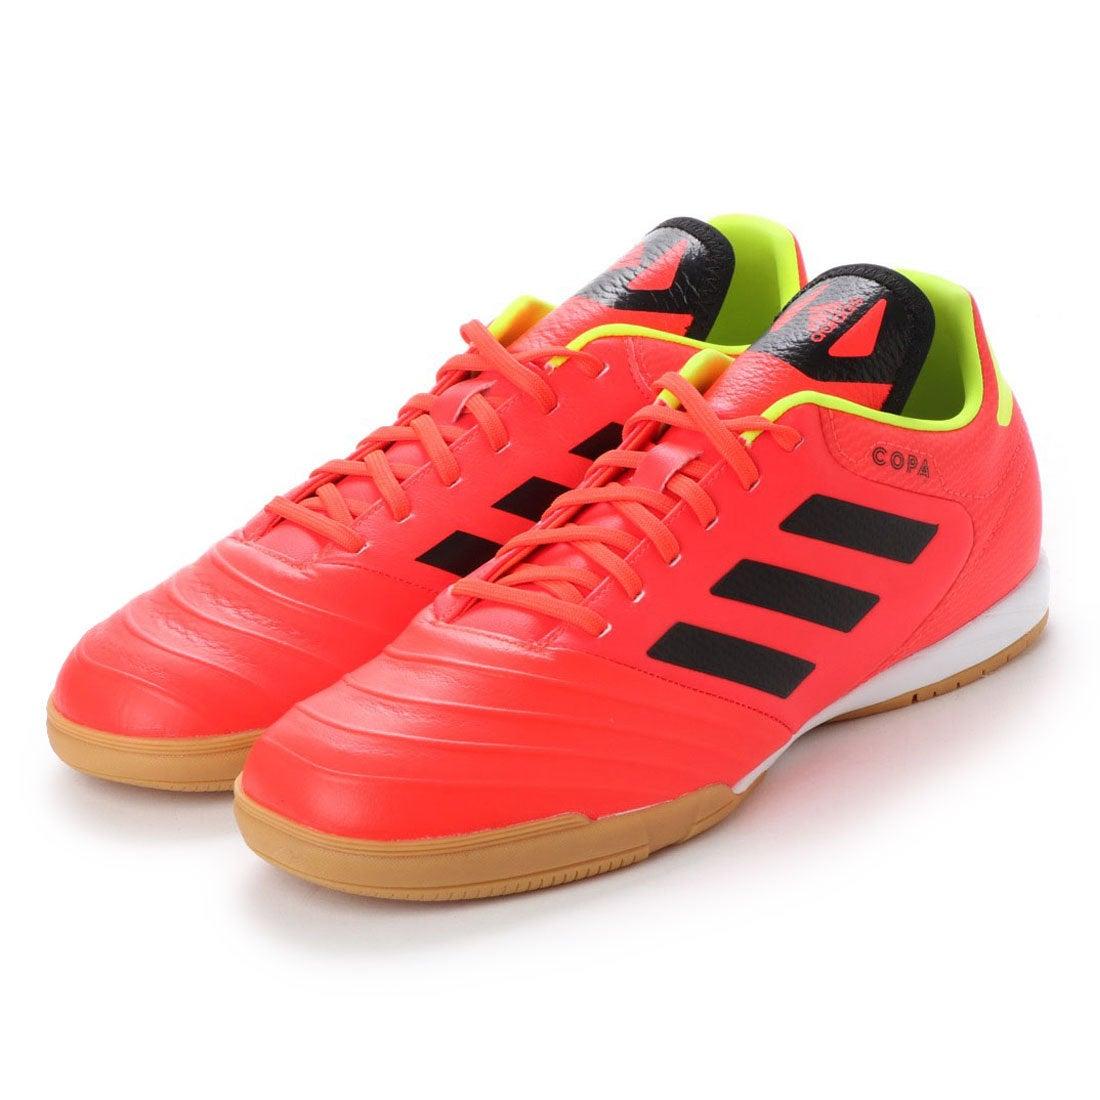 アディダス adidas フットサル シューズ コパタンゴ18.3IN DB2450